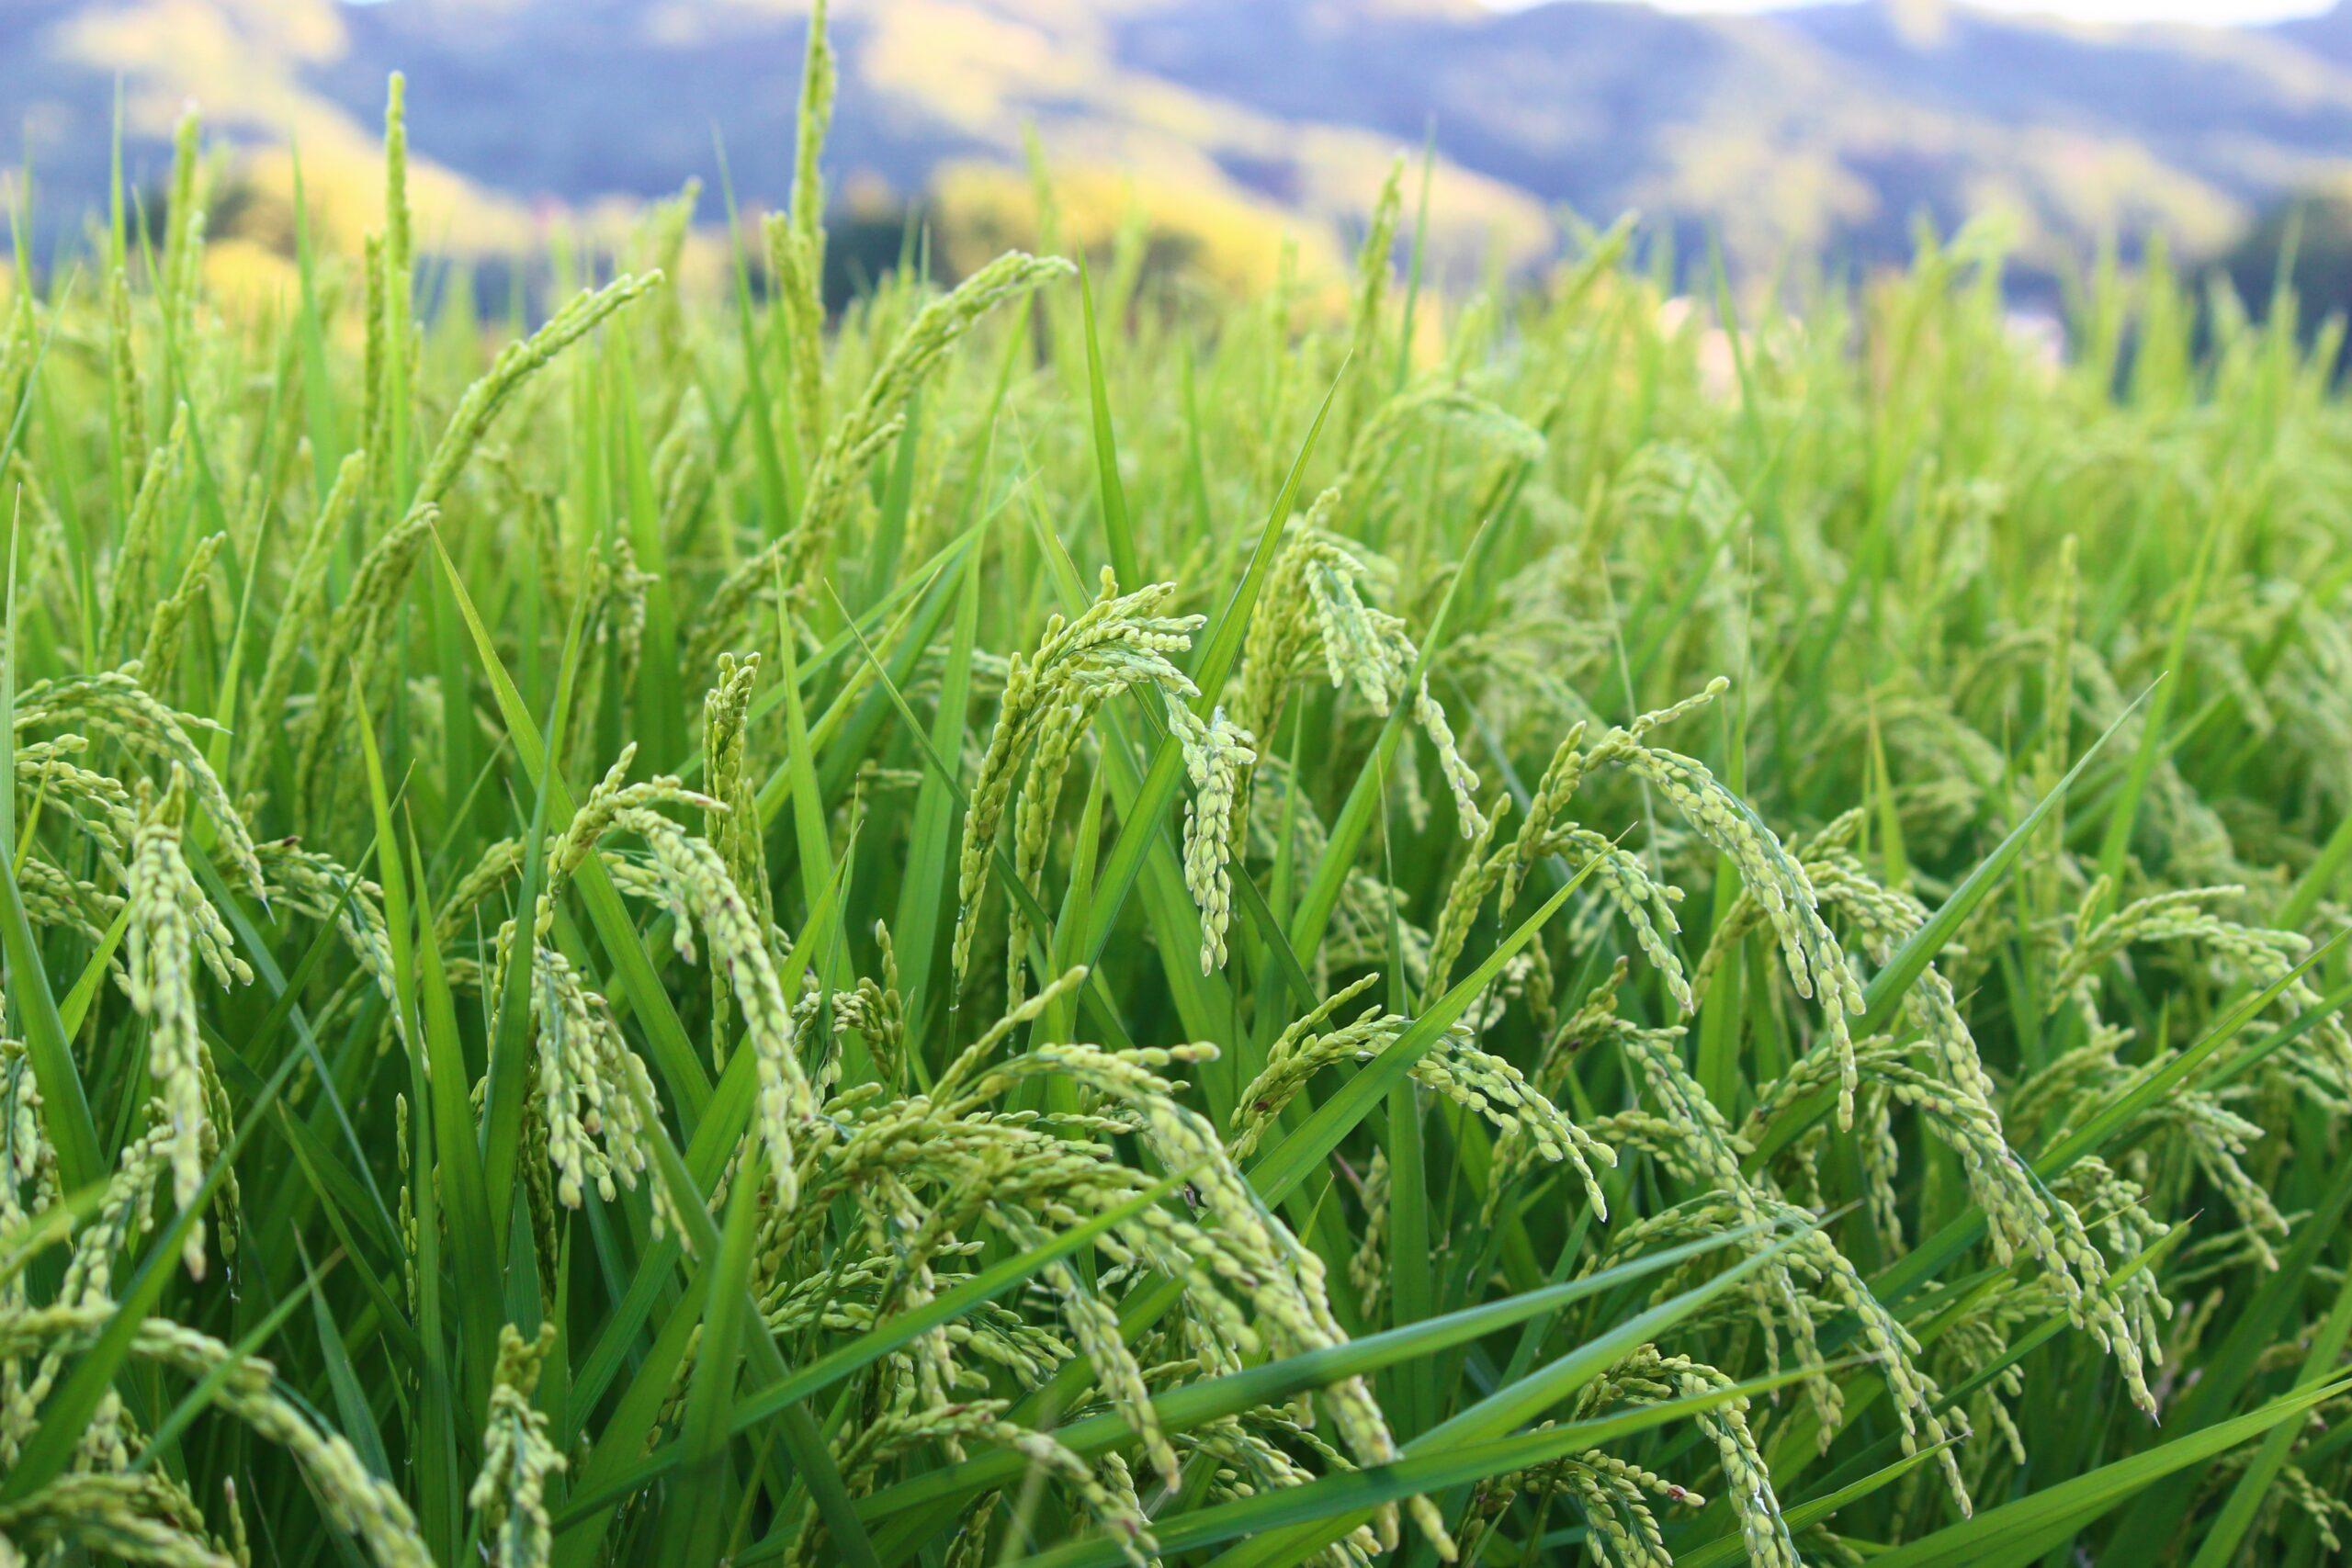 長野県佐久市の無農薬コシヒカリを100%使用した日本酒を醸造 「生きもの田んぼ」の魅力を伝えたいという想いのもとクラウドファンディングを通じた支援を実施